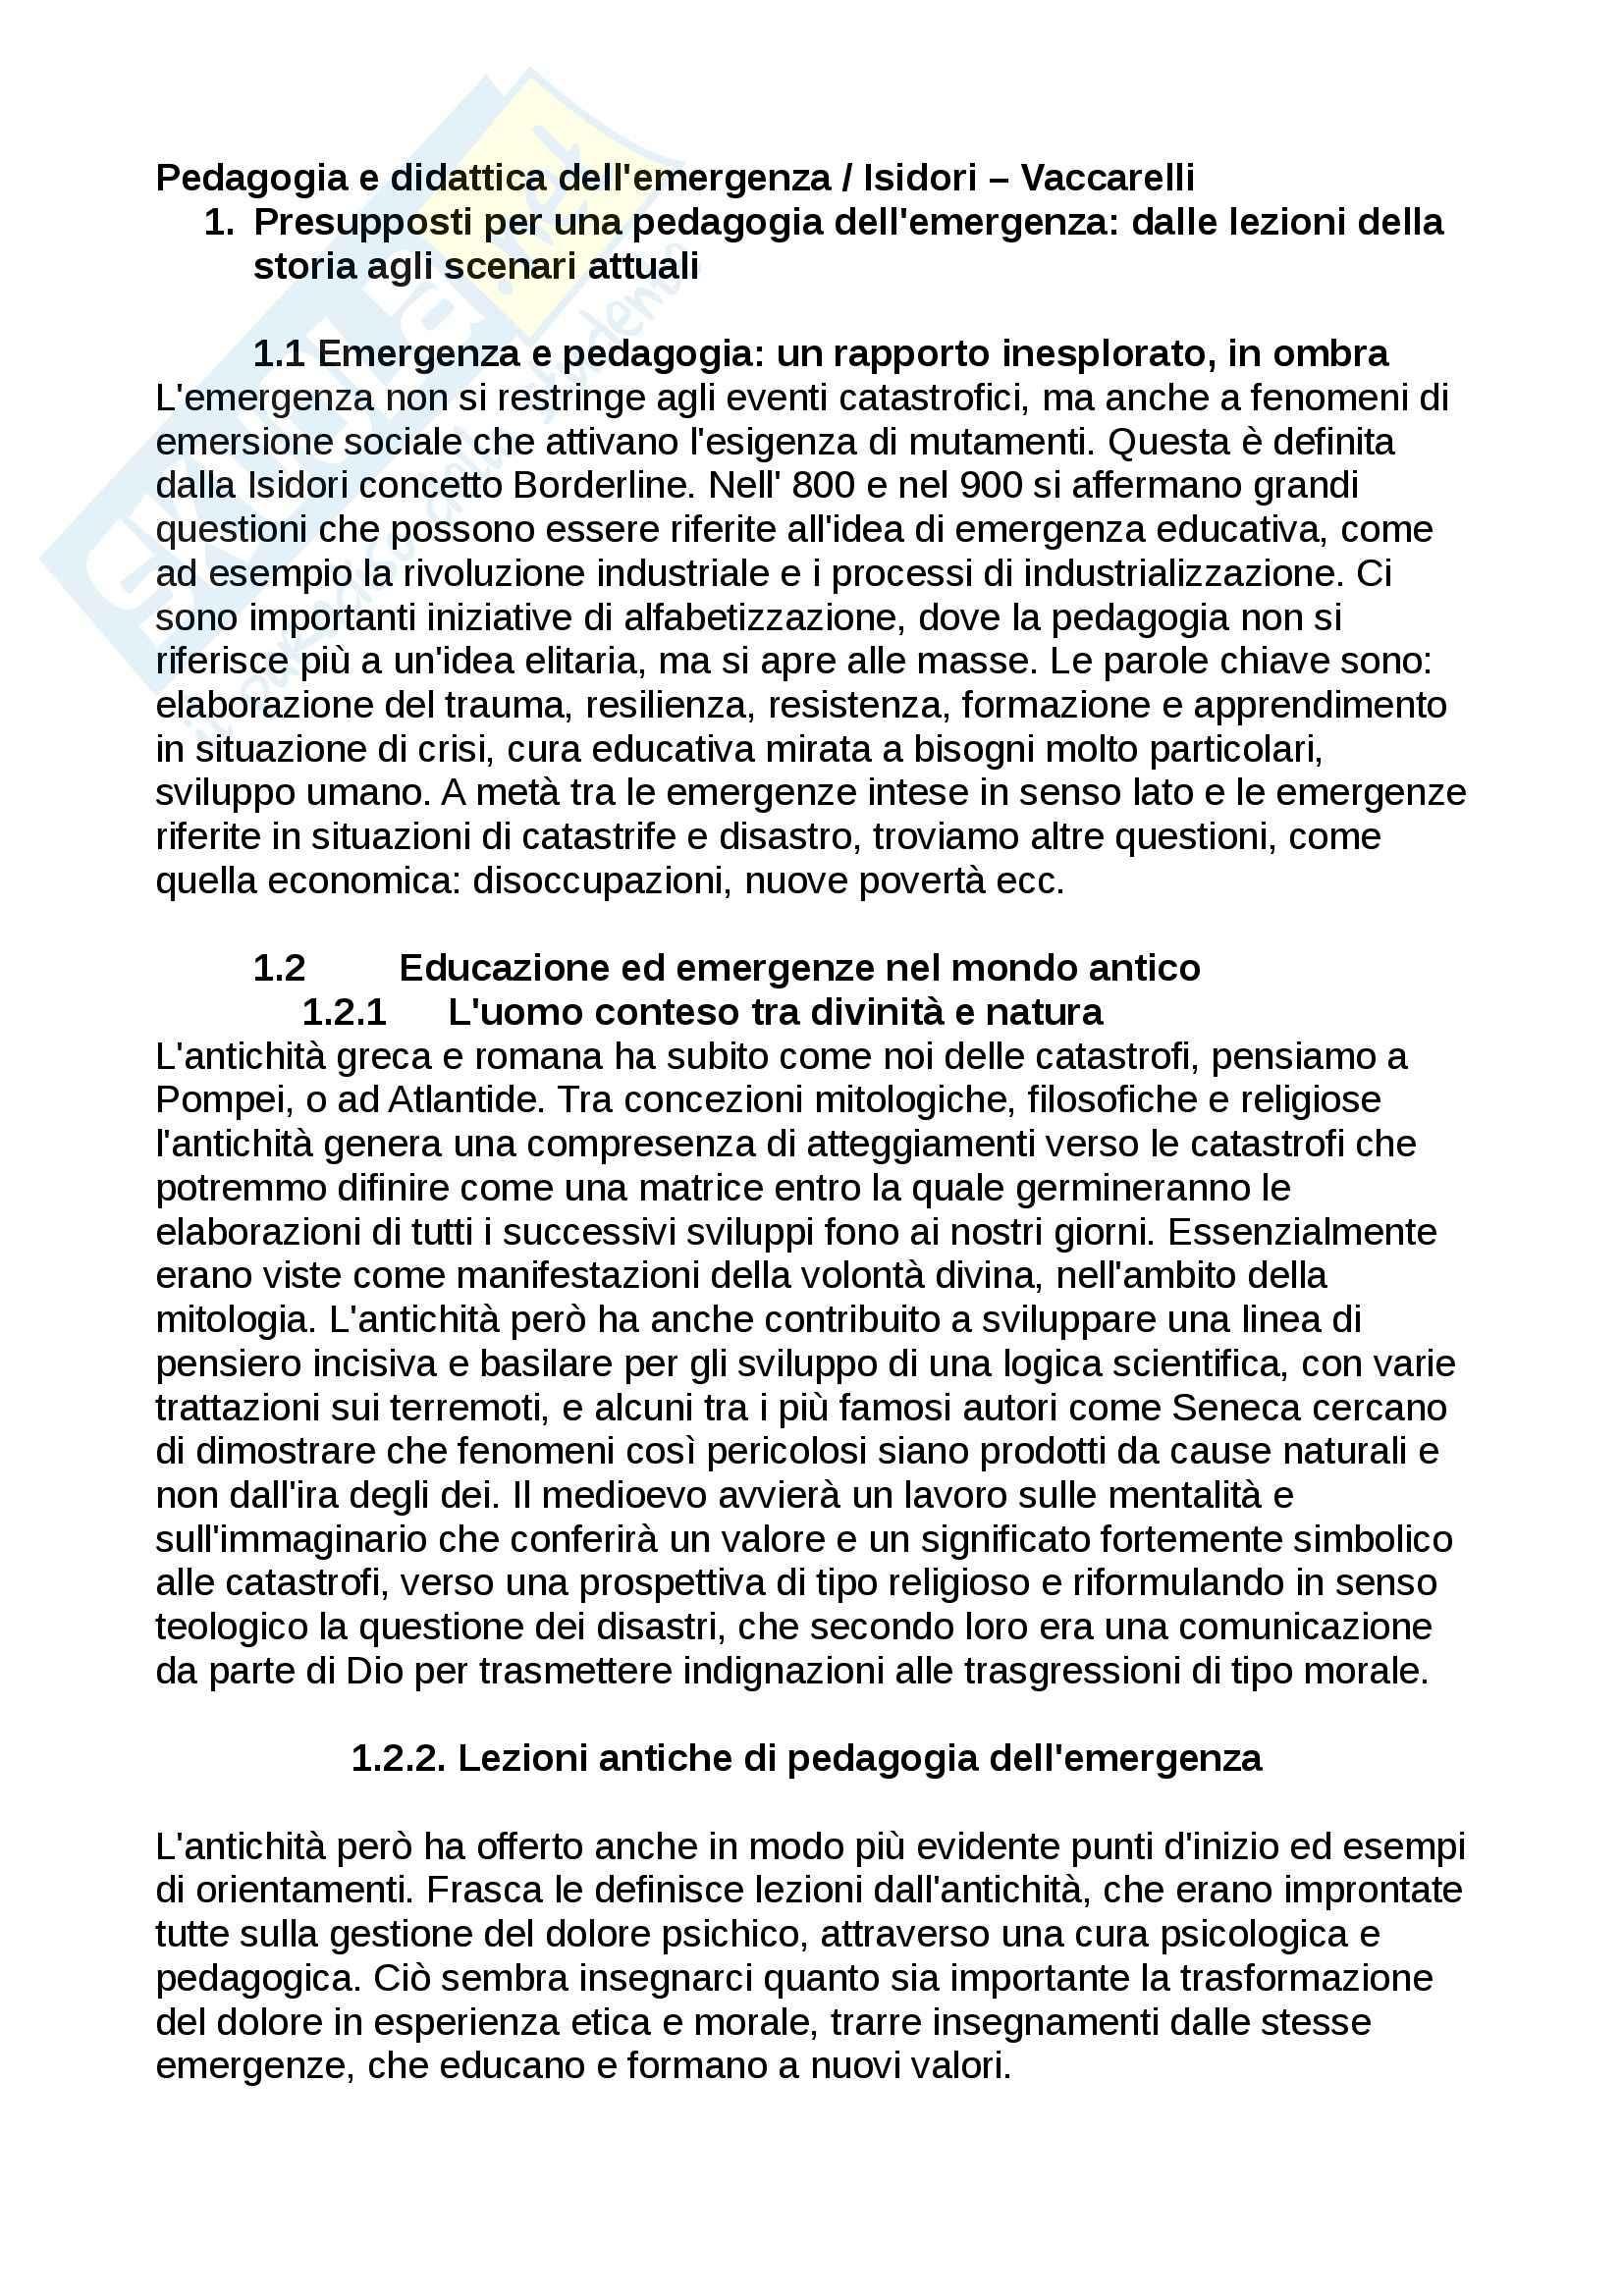 Riassunto esame Pedagogia, prof. Vaccarelli, libro consigliato Pedagogia e didattica dell'emergenza, Isidori, Vaccarelli